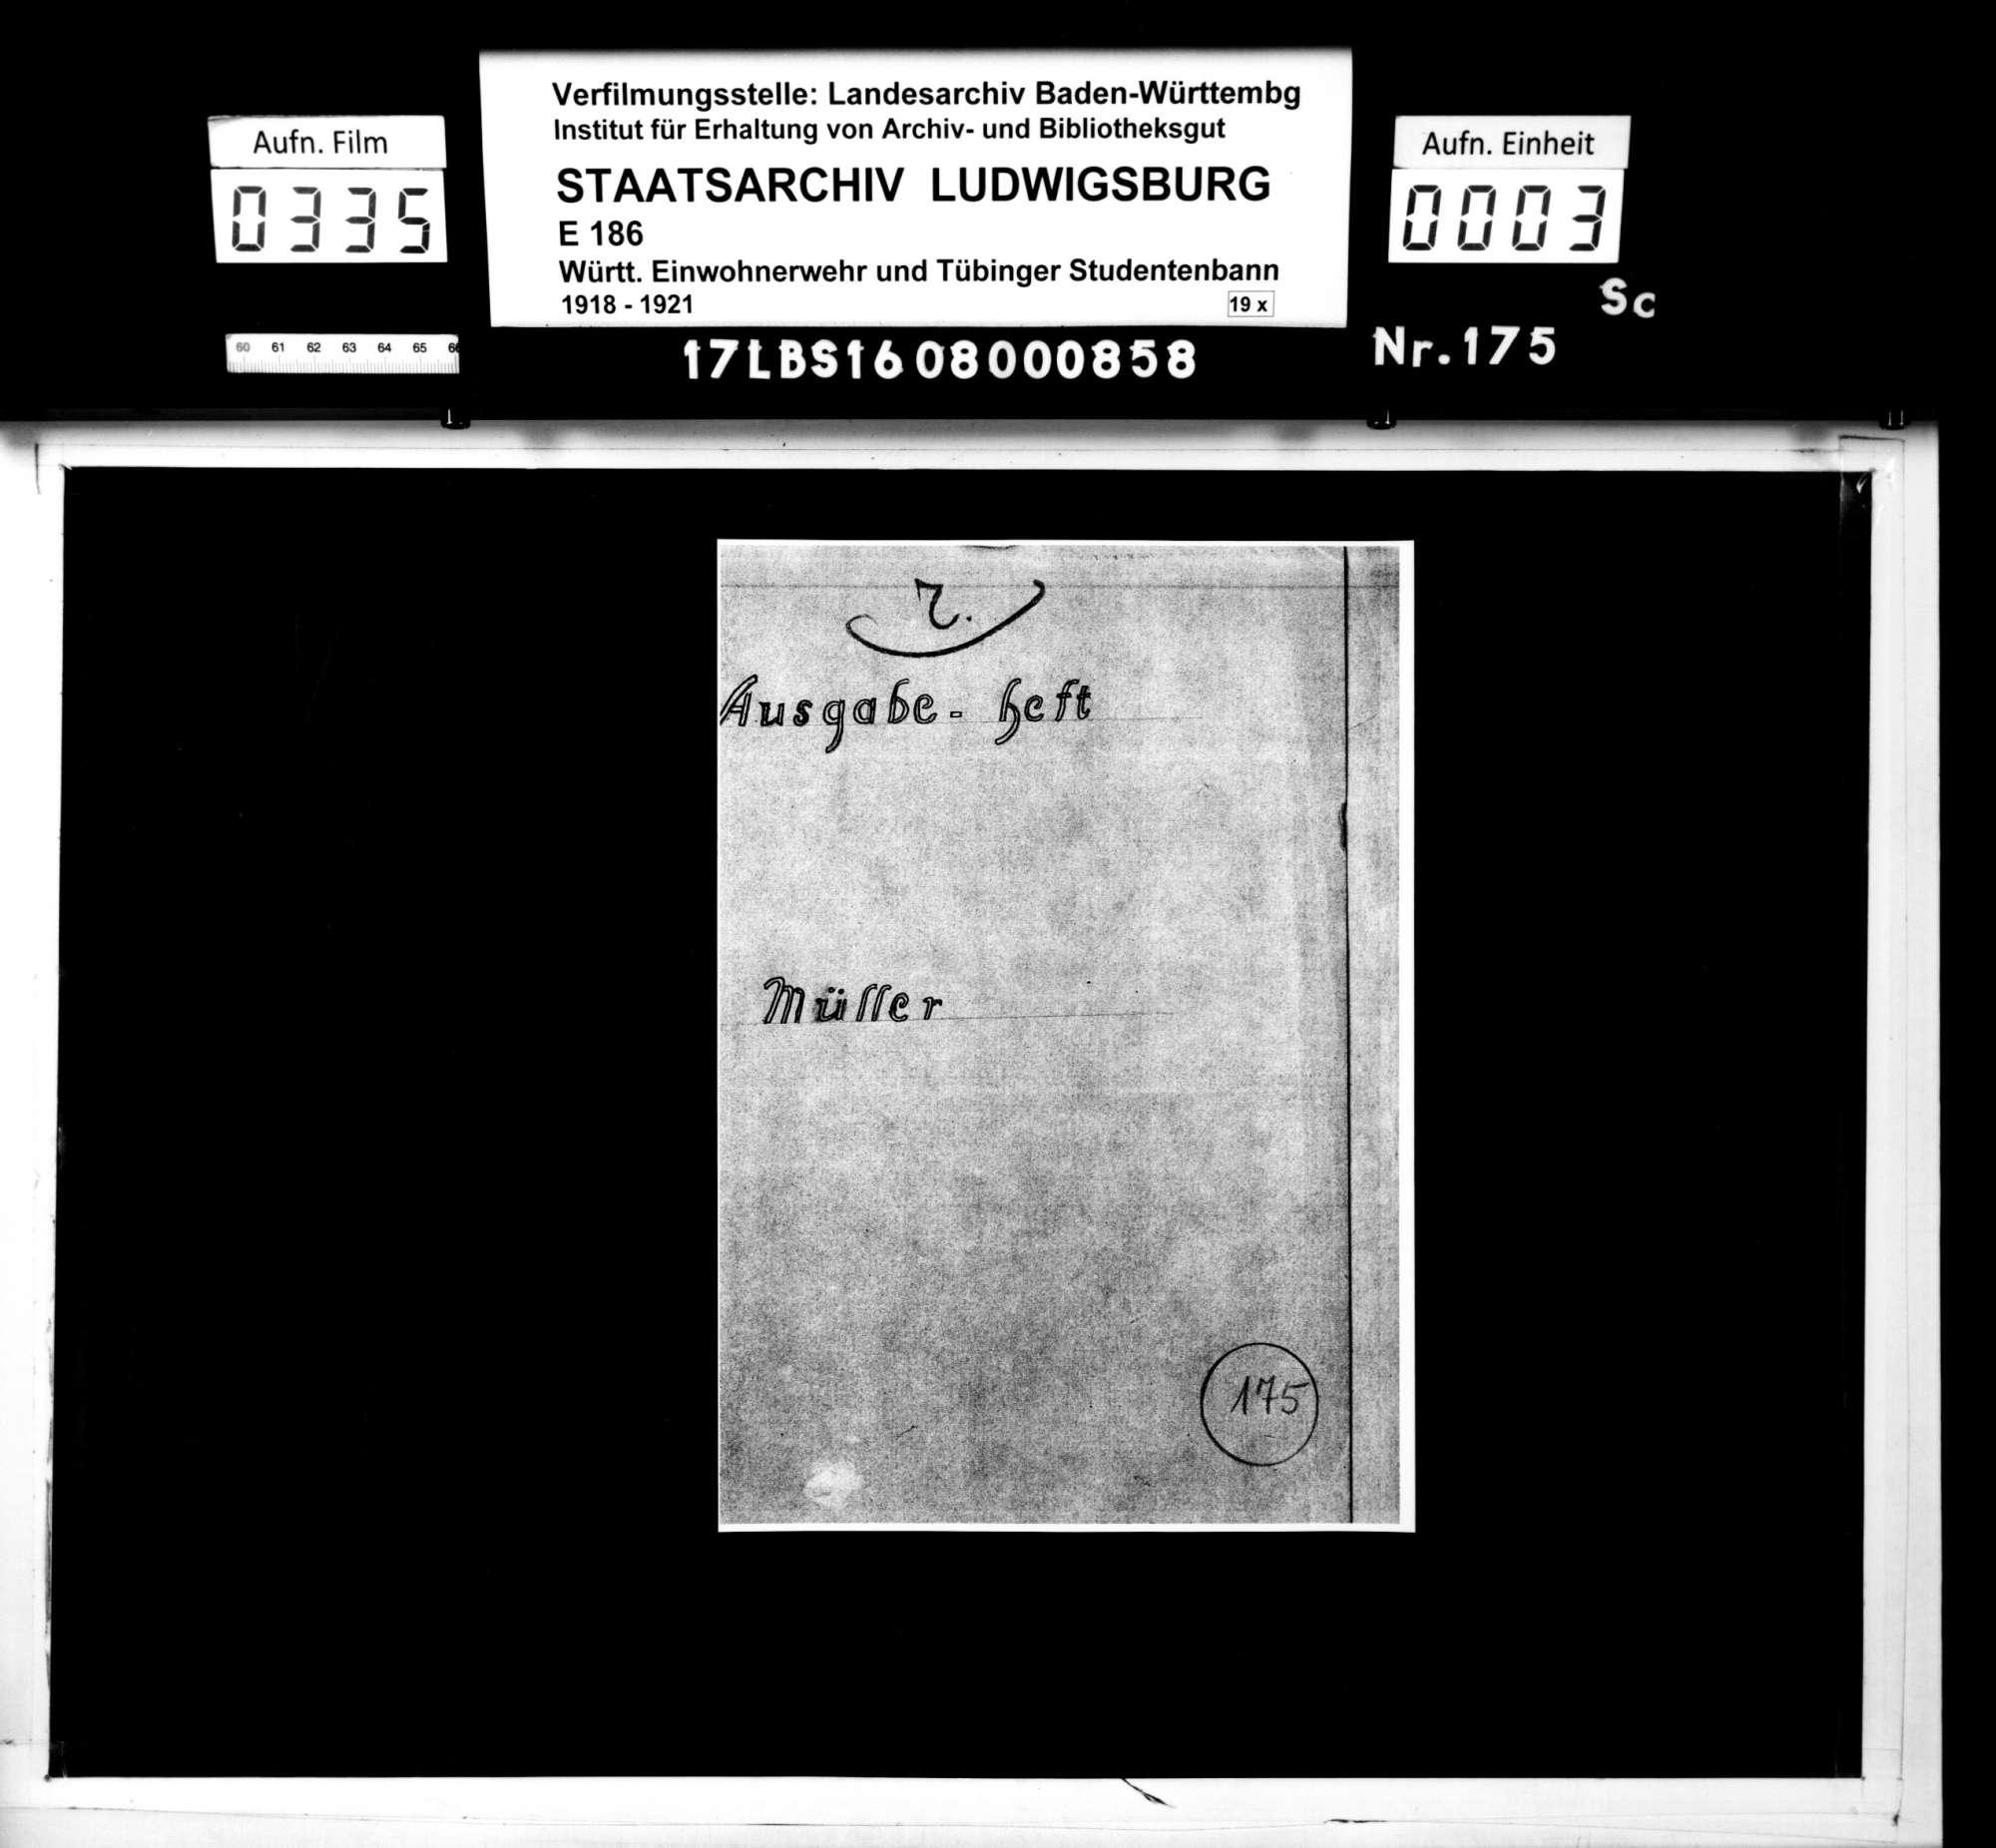 Bann 6/Schar 5 (Müller): Ausgabe-Heft, Bild 1